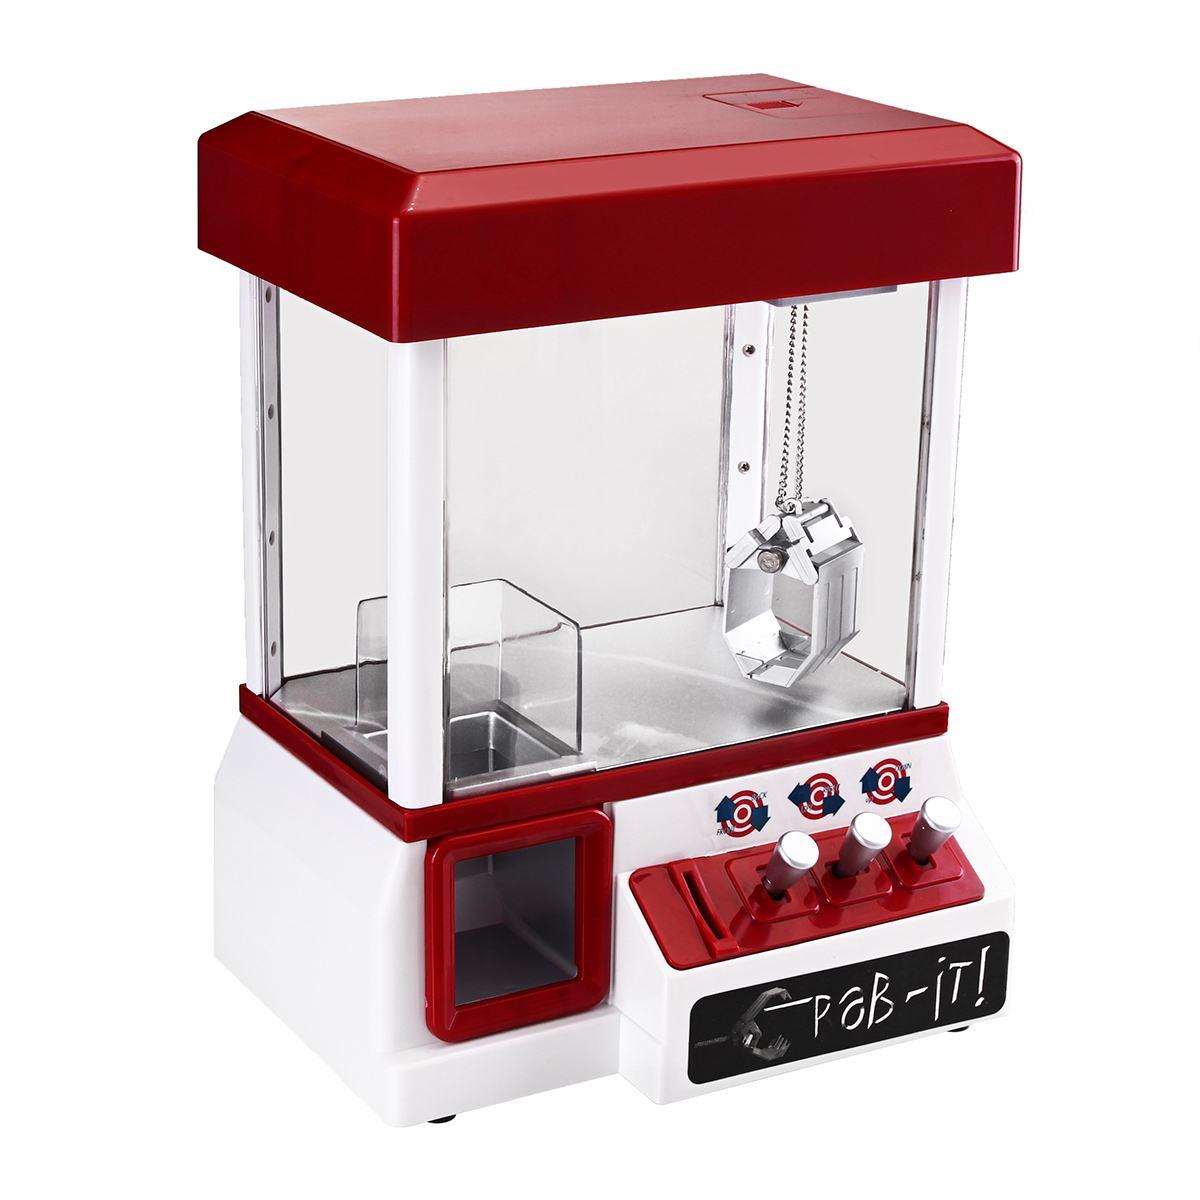 ABS en plastique Arcade bonbons Grabber Machine jouet motorisé jeu de griffe enfants amusant grue Gadget Portable monnayeur jeu divertissement